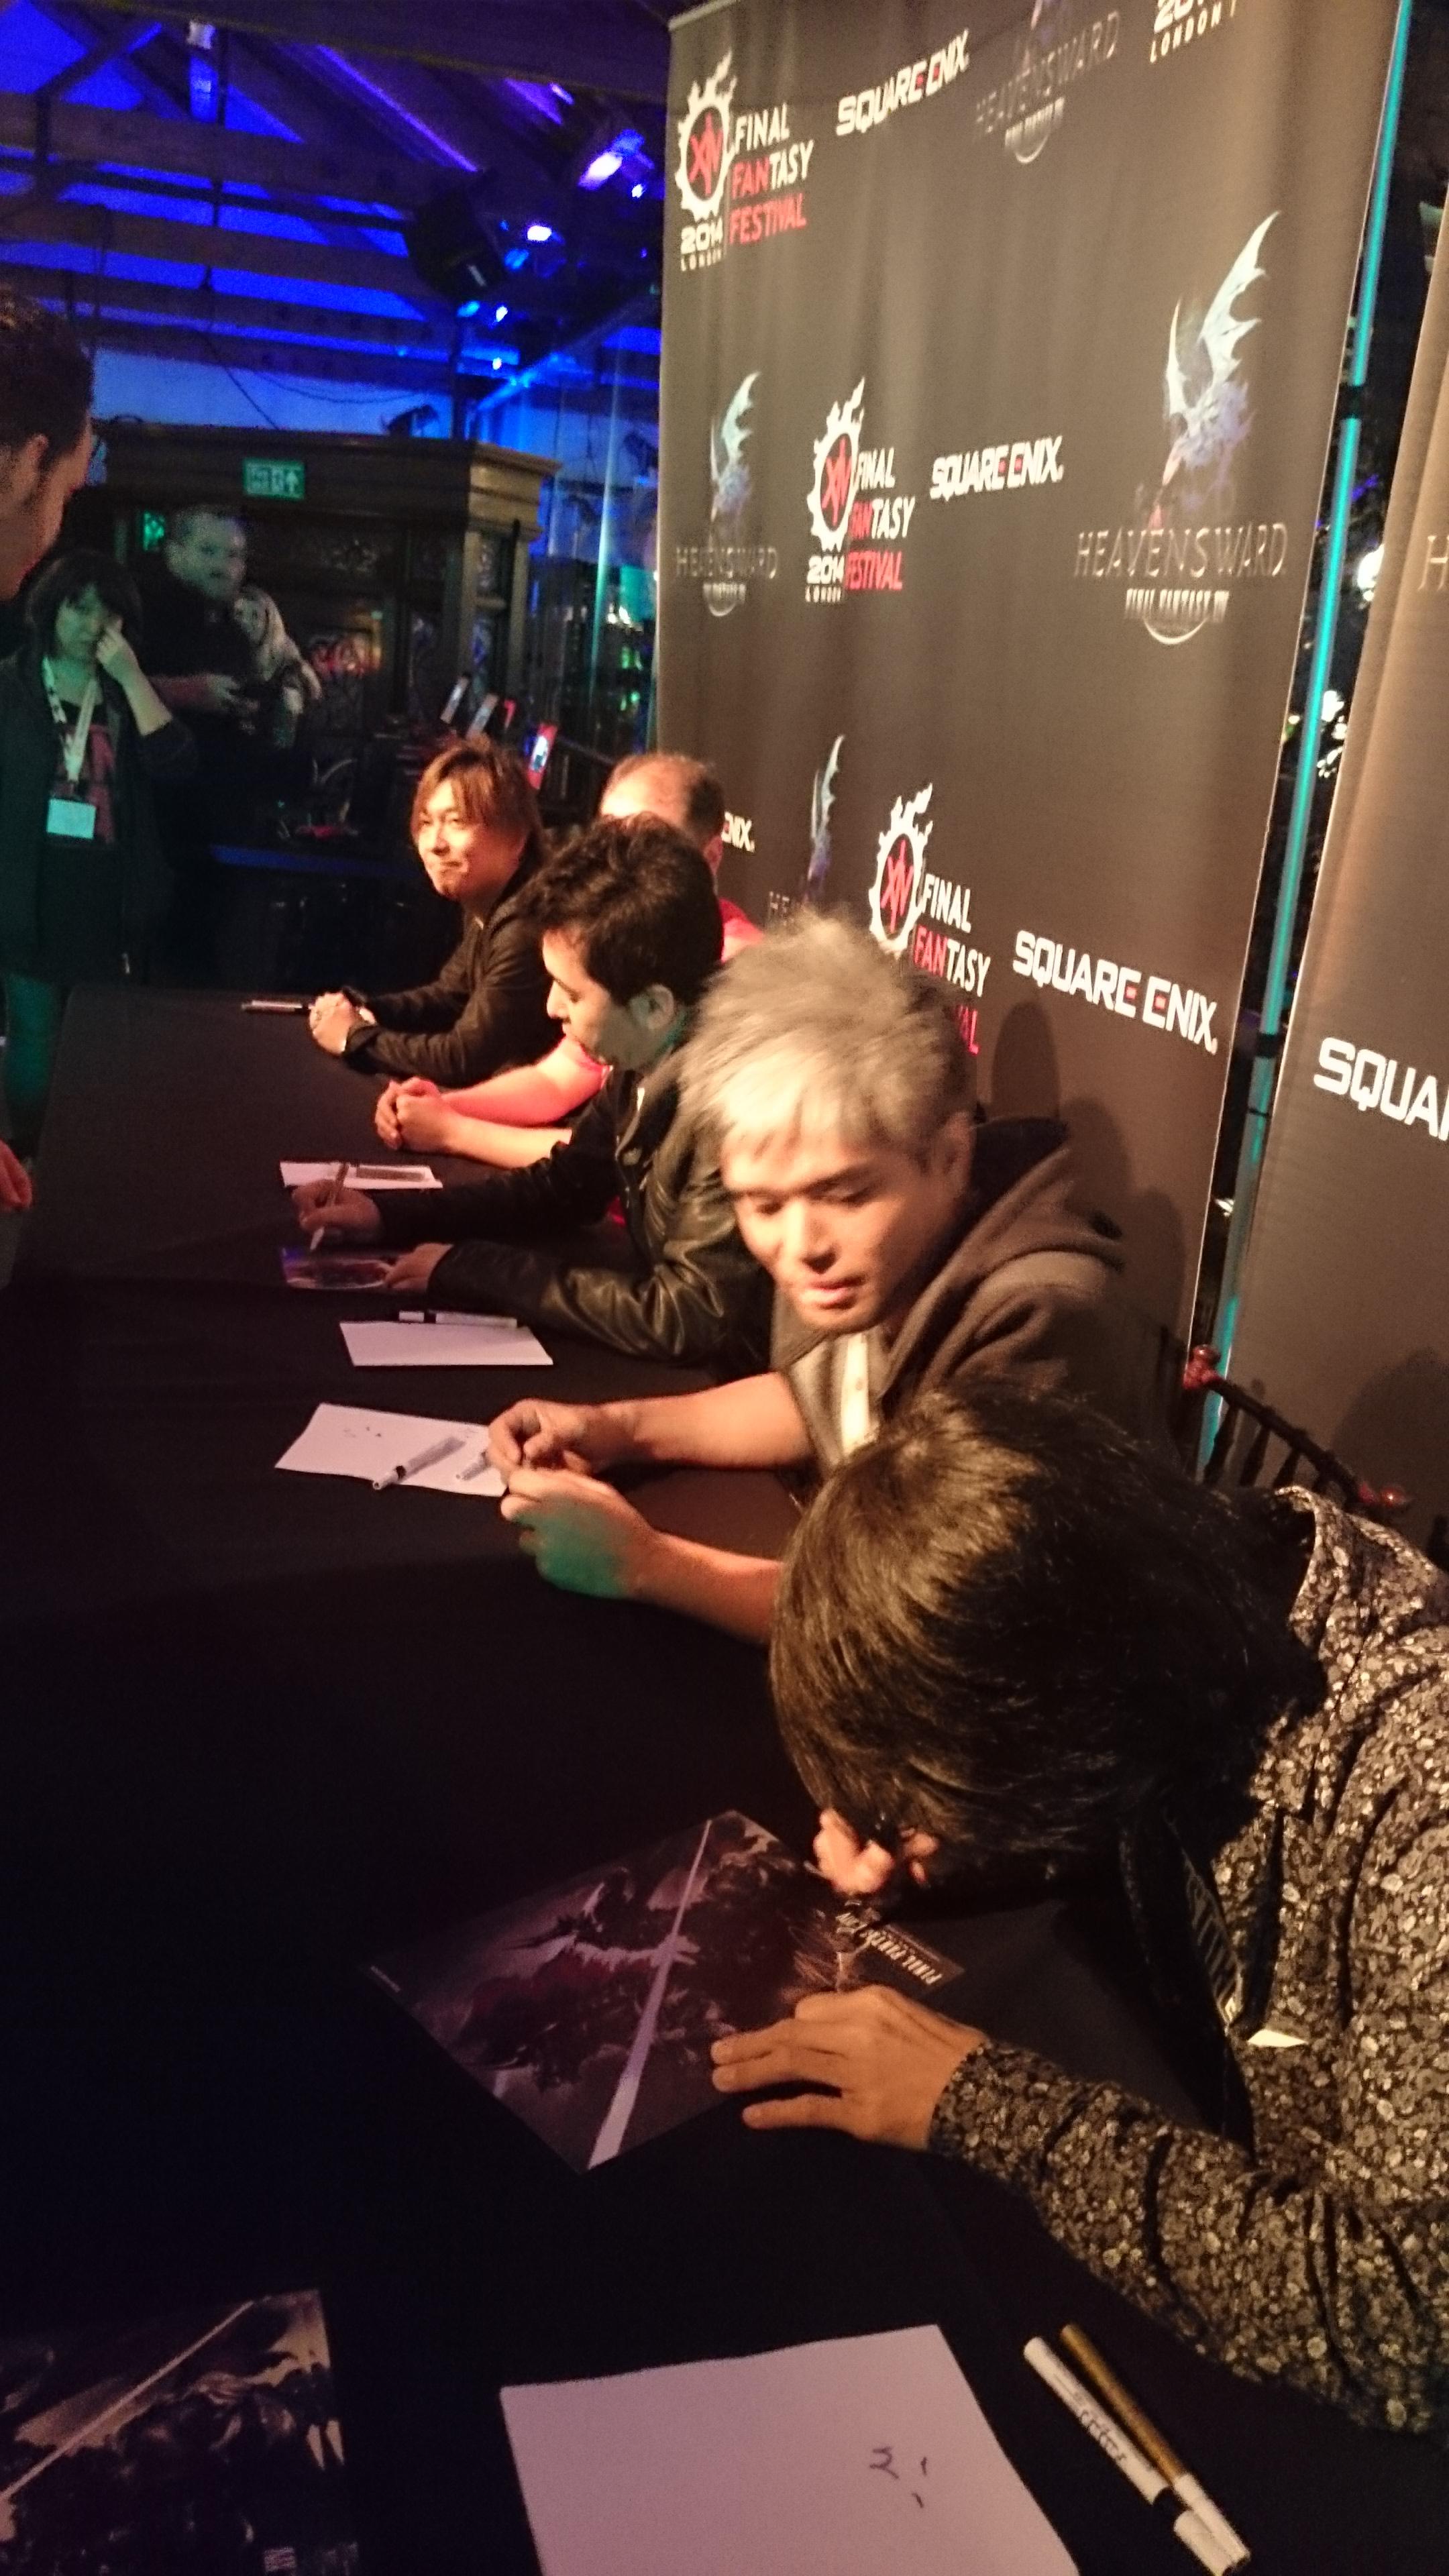 Von unten nach oben: Soken Masayoshi, Toshio Murouchi, Hiroshi Takai, Michael-Christopher Koji Fox und Naoki Yoshida